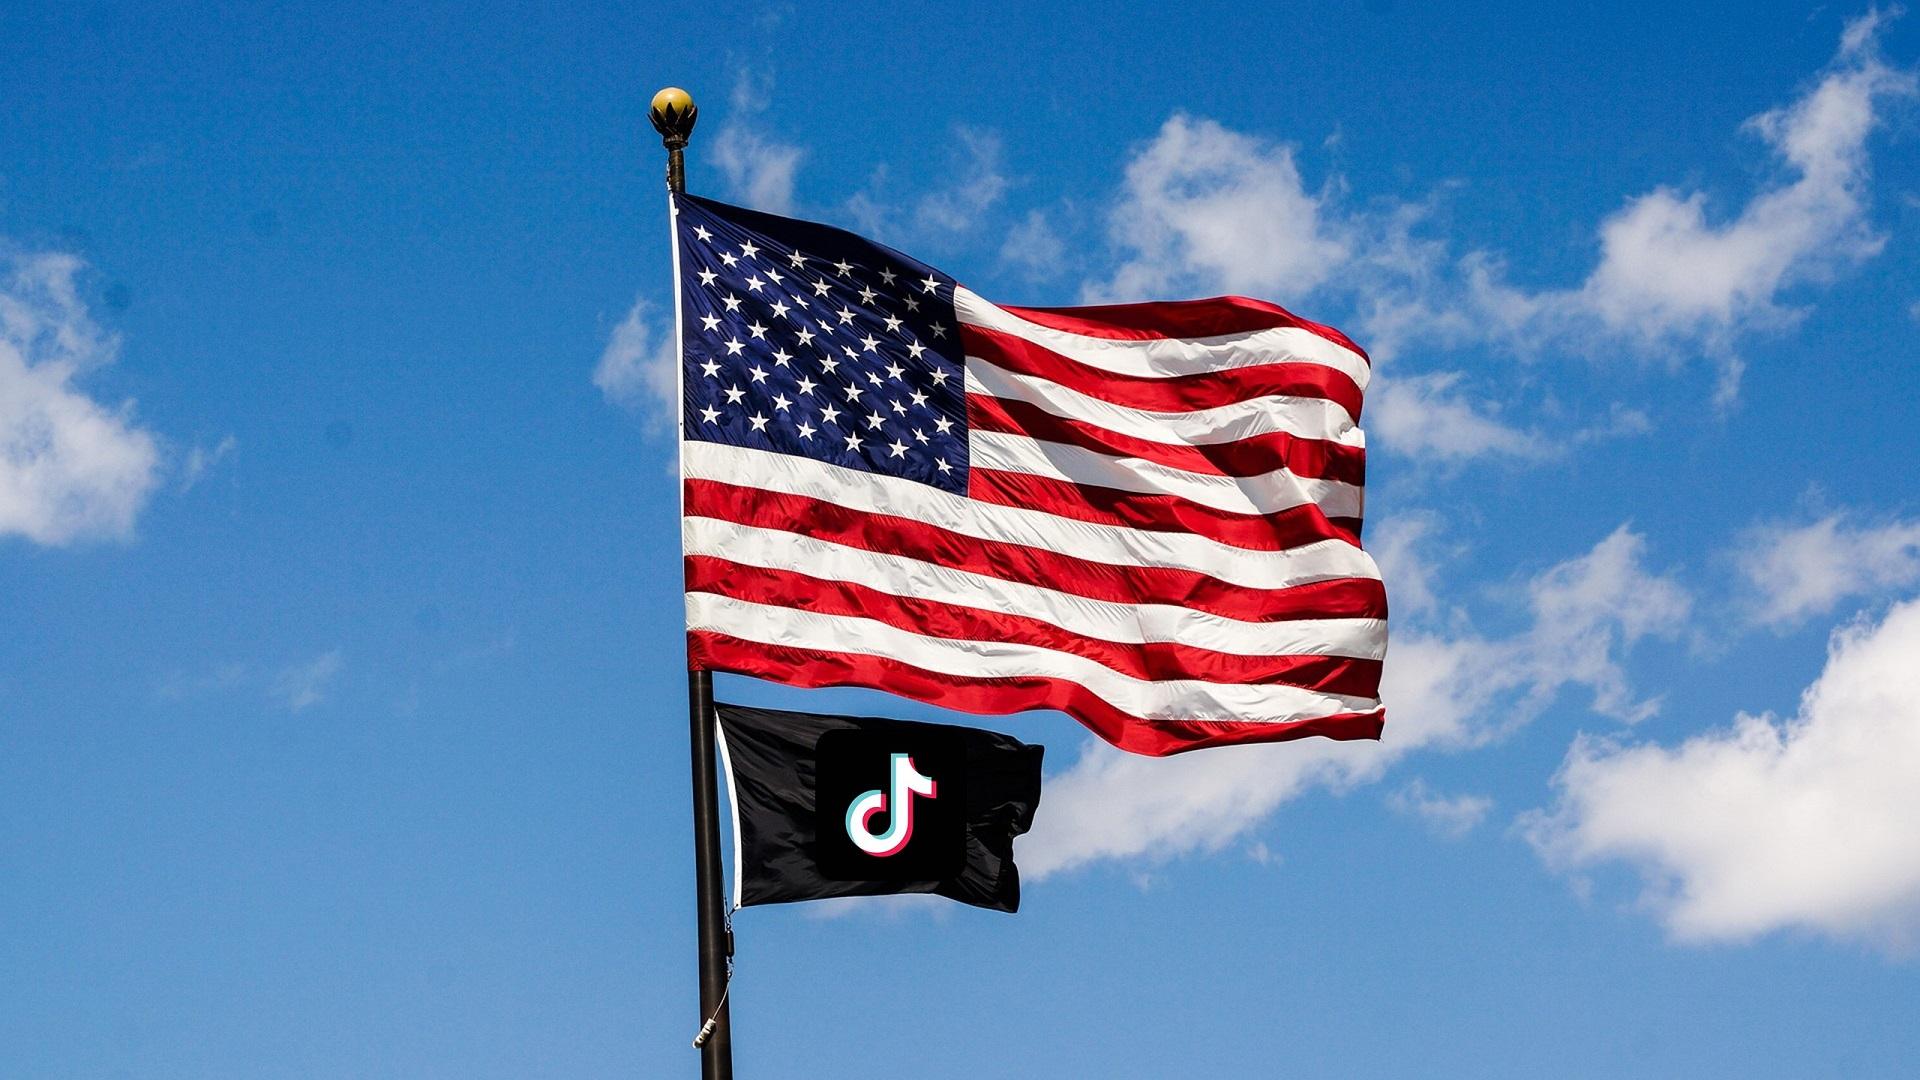 usa-tiktok-flag-1